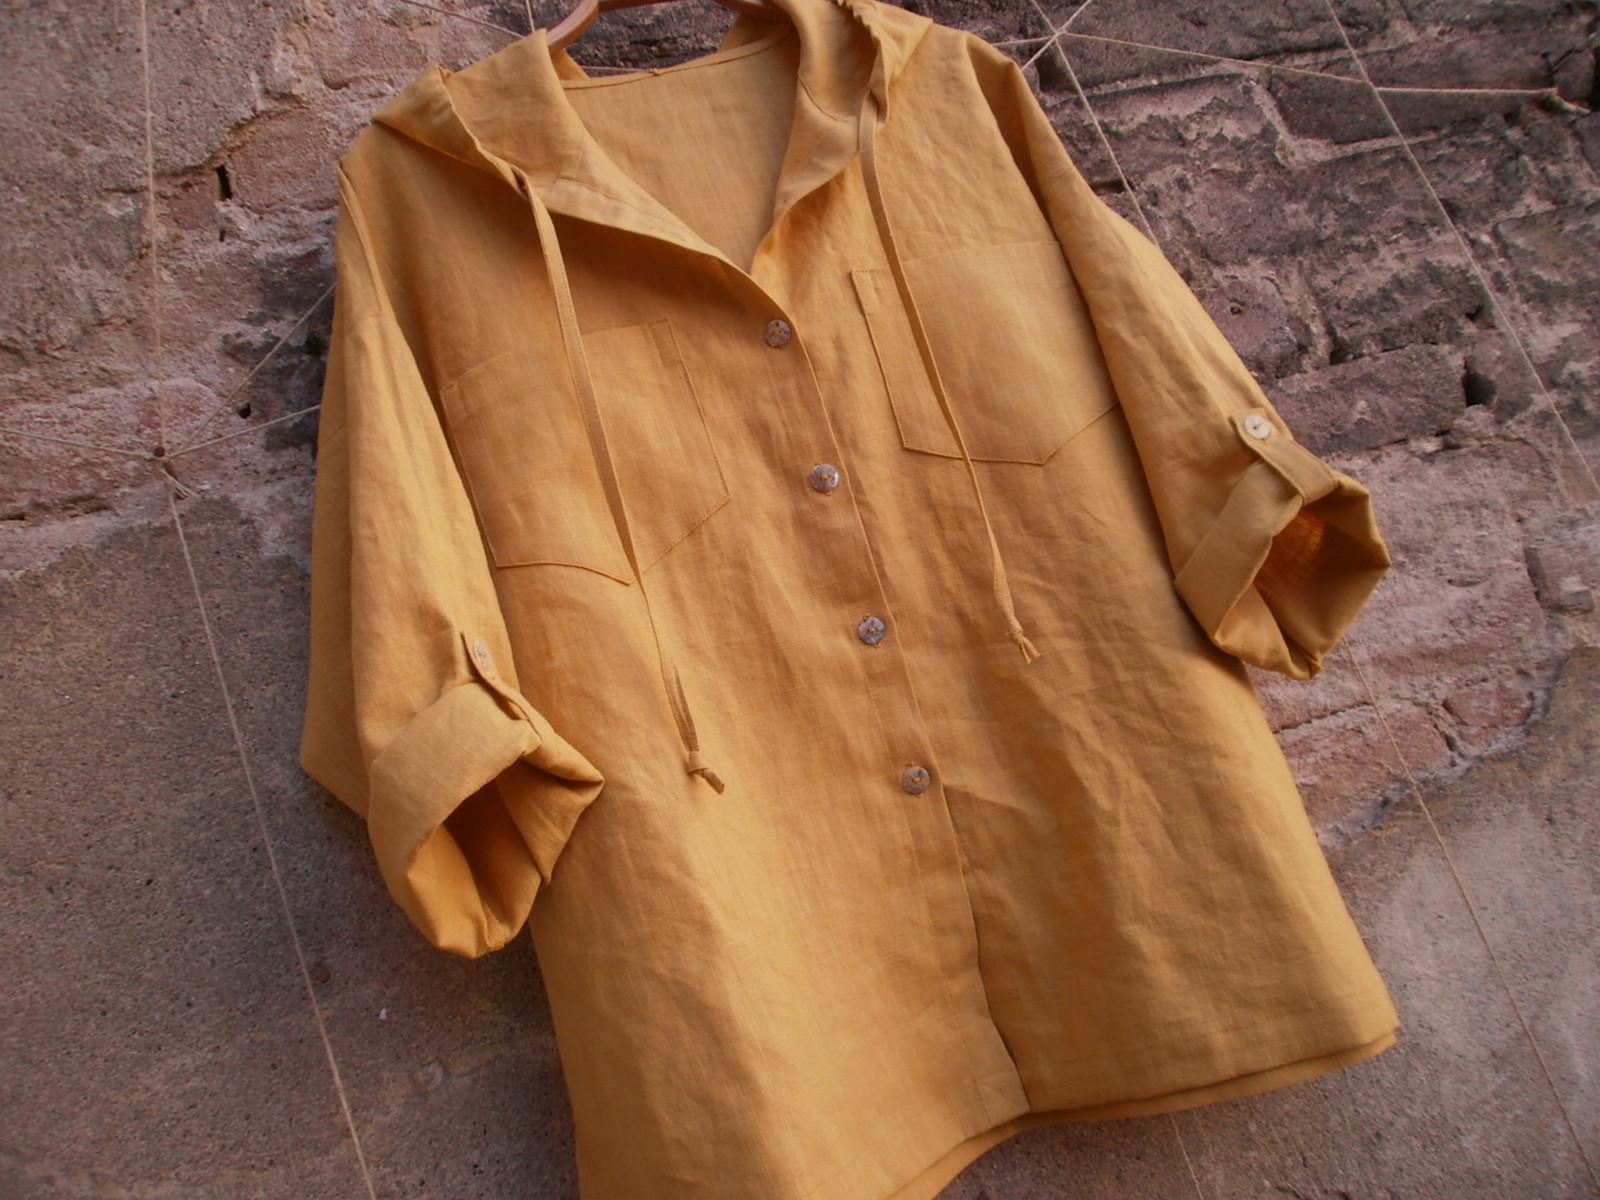 Lněná košile s kapucí   Zboží prodejce yrisi  45292b04c1